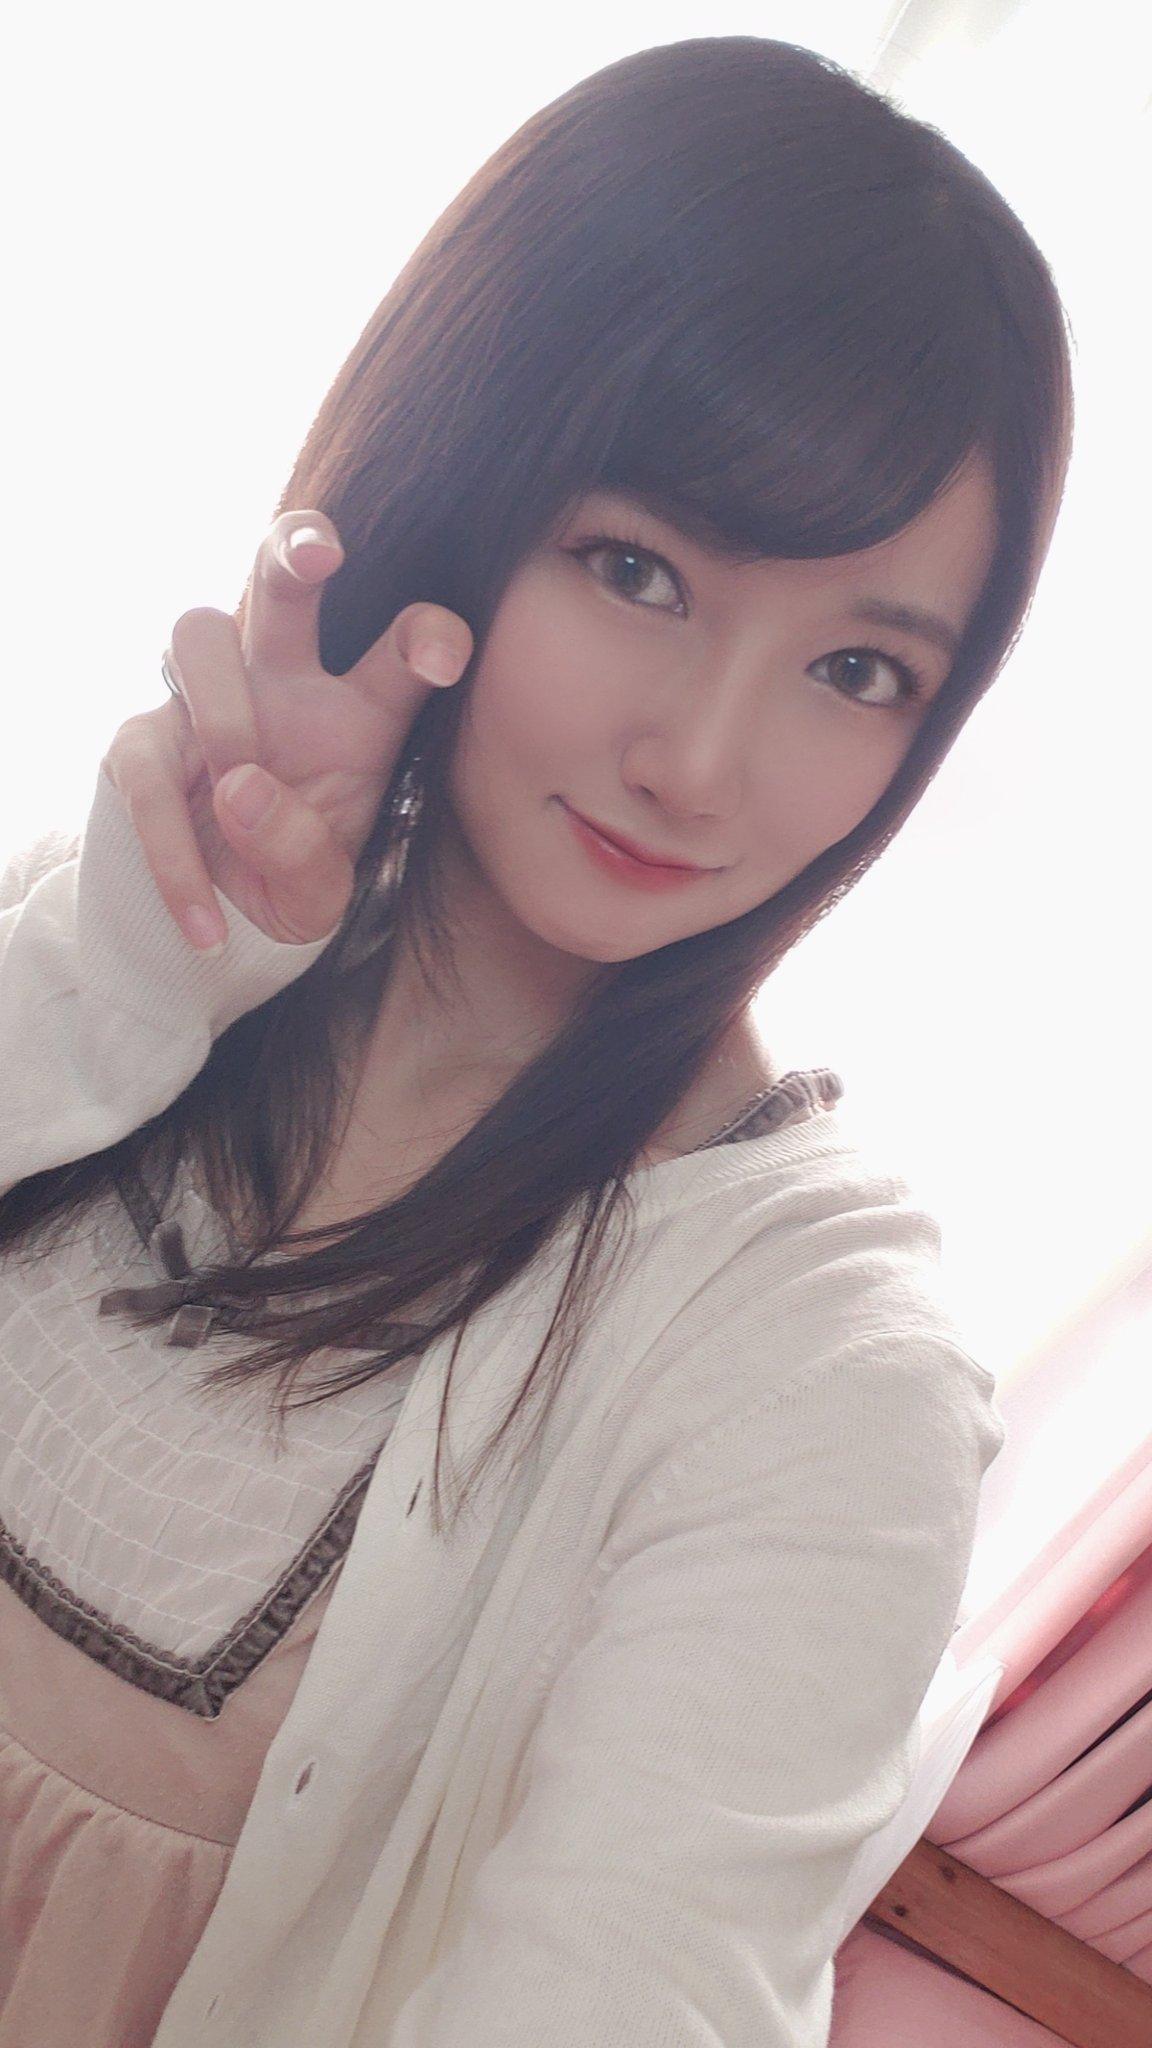 【詩音乃らんエロ画像】とても細くてHカップ美巨乳持ちJD・詩音乃らん!